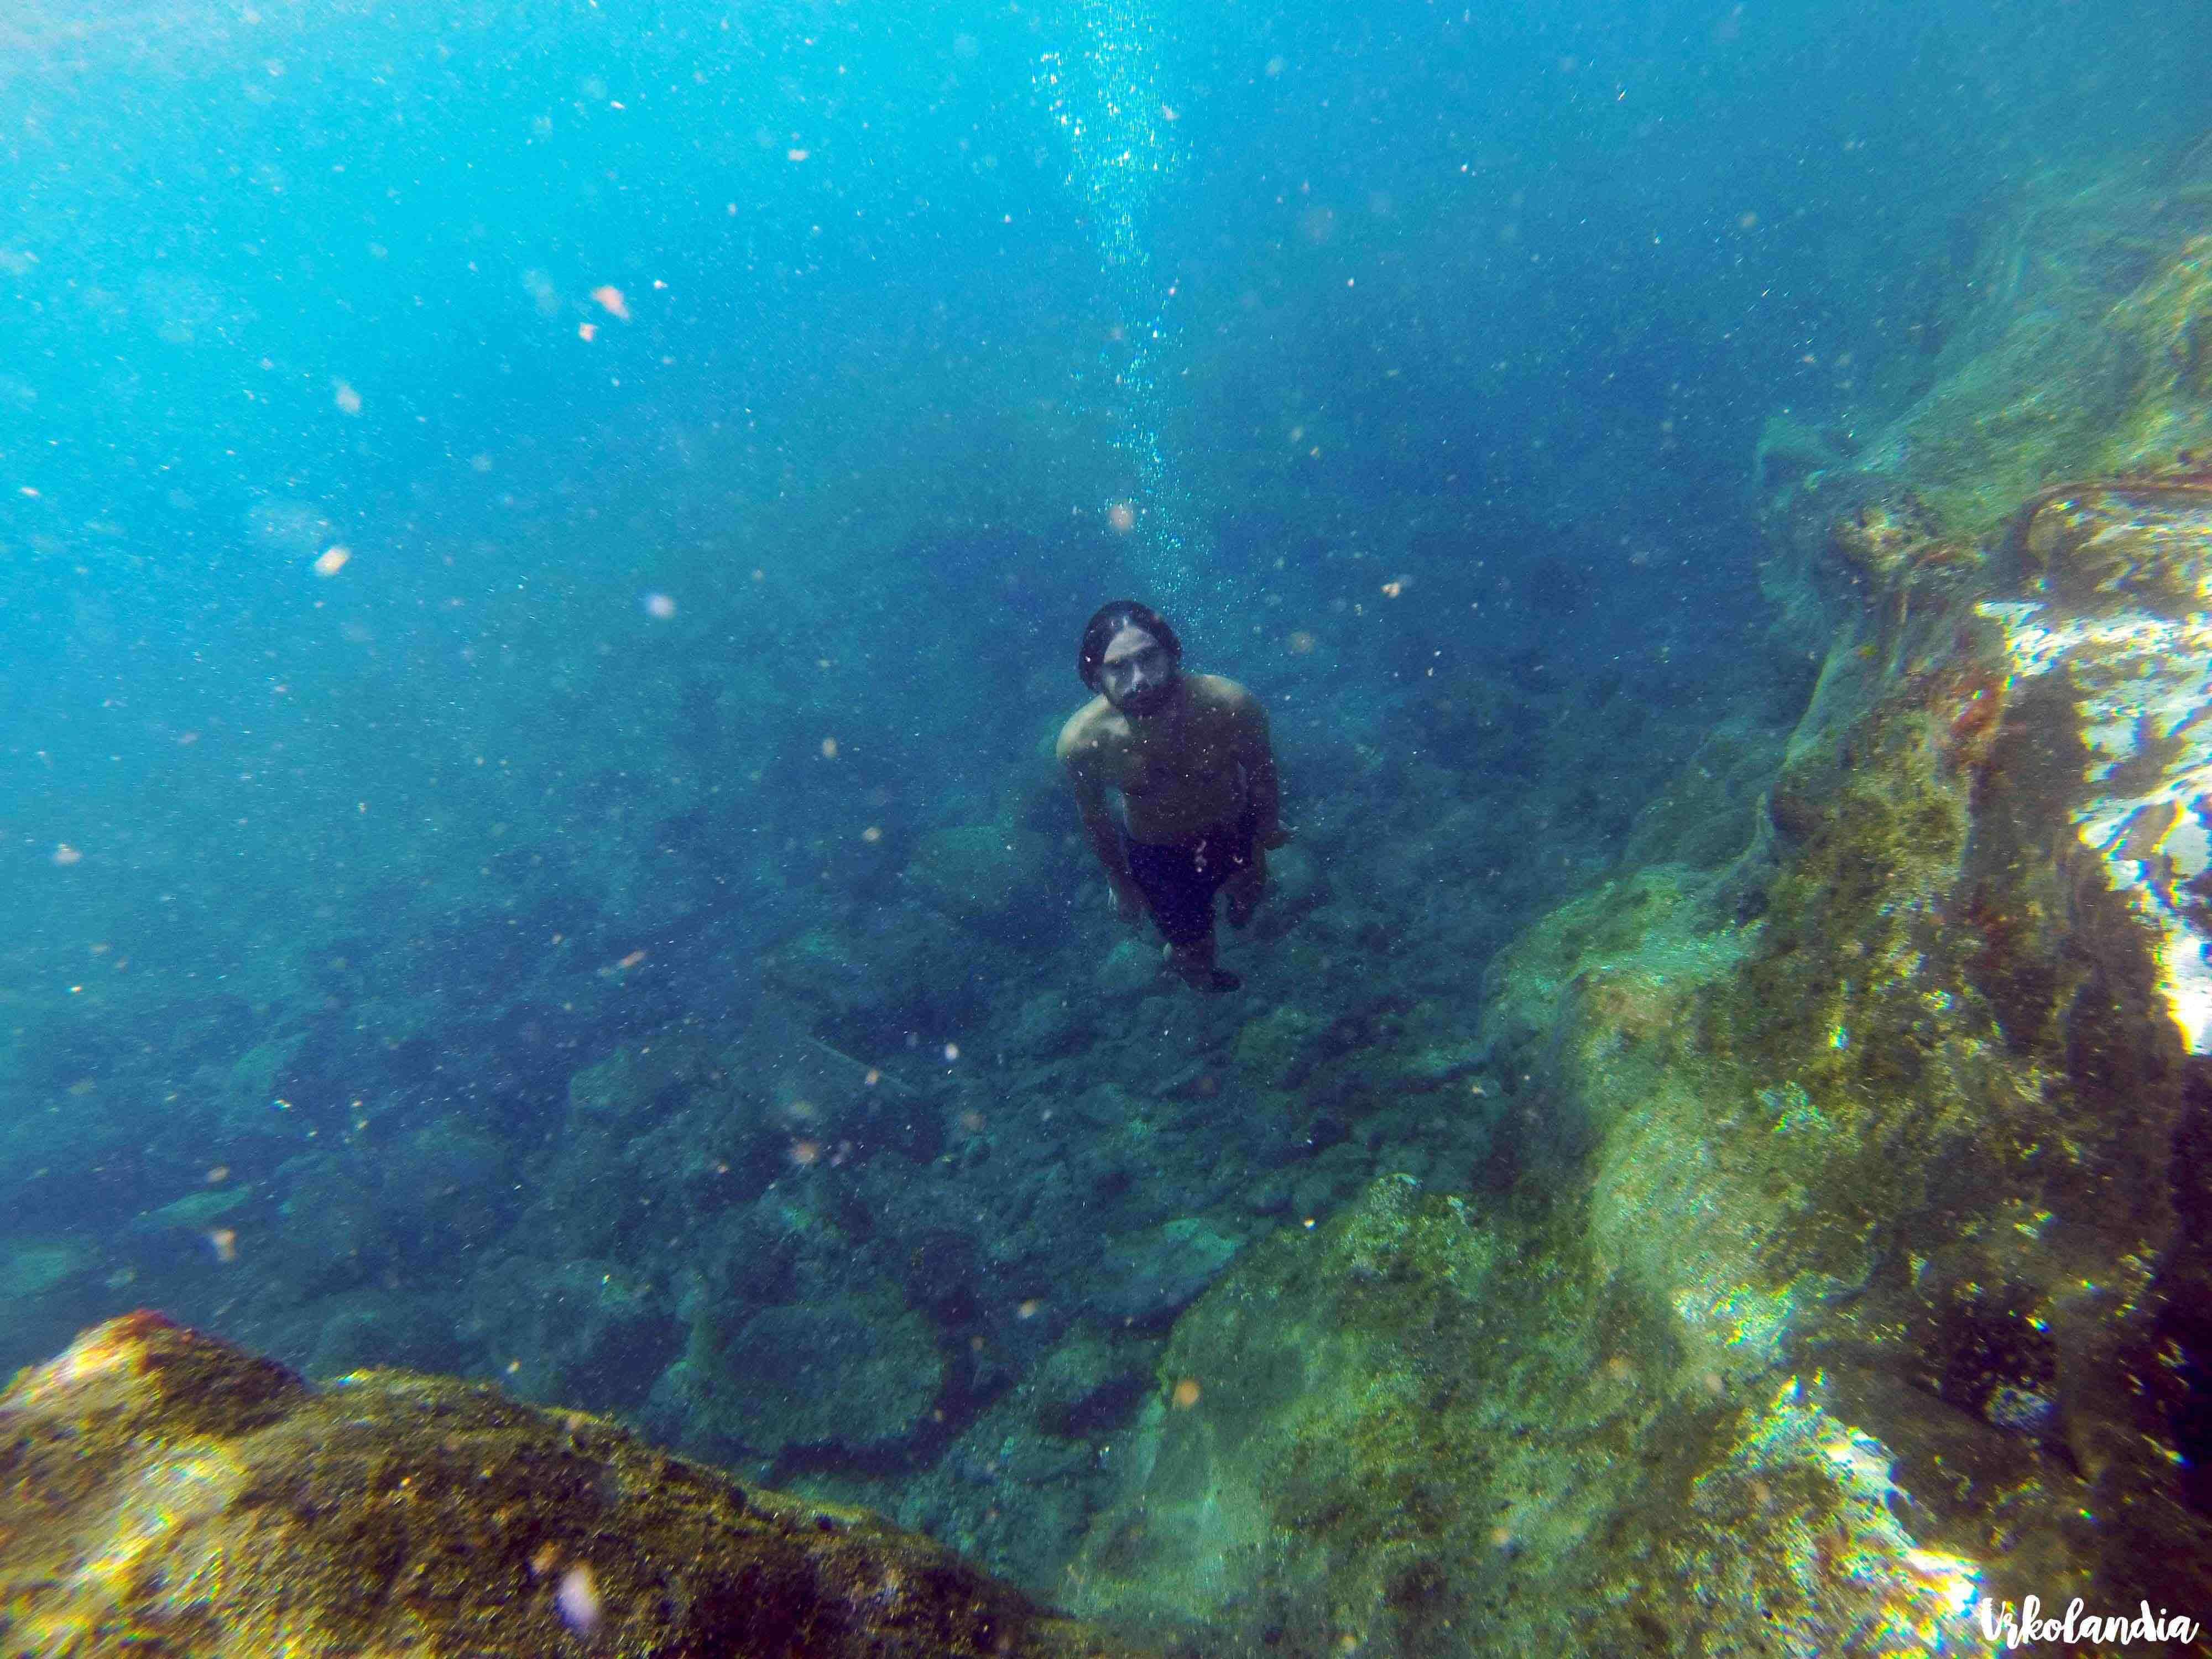 urkolandia_underwater